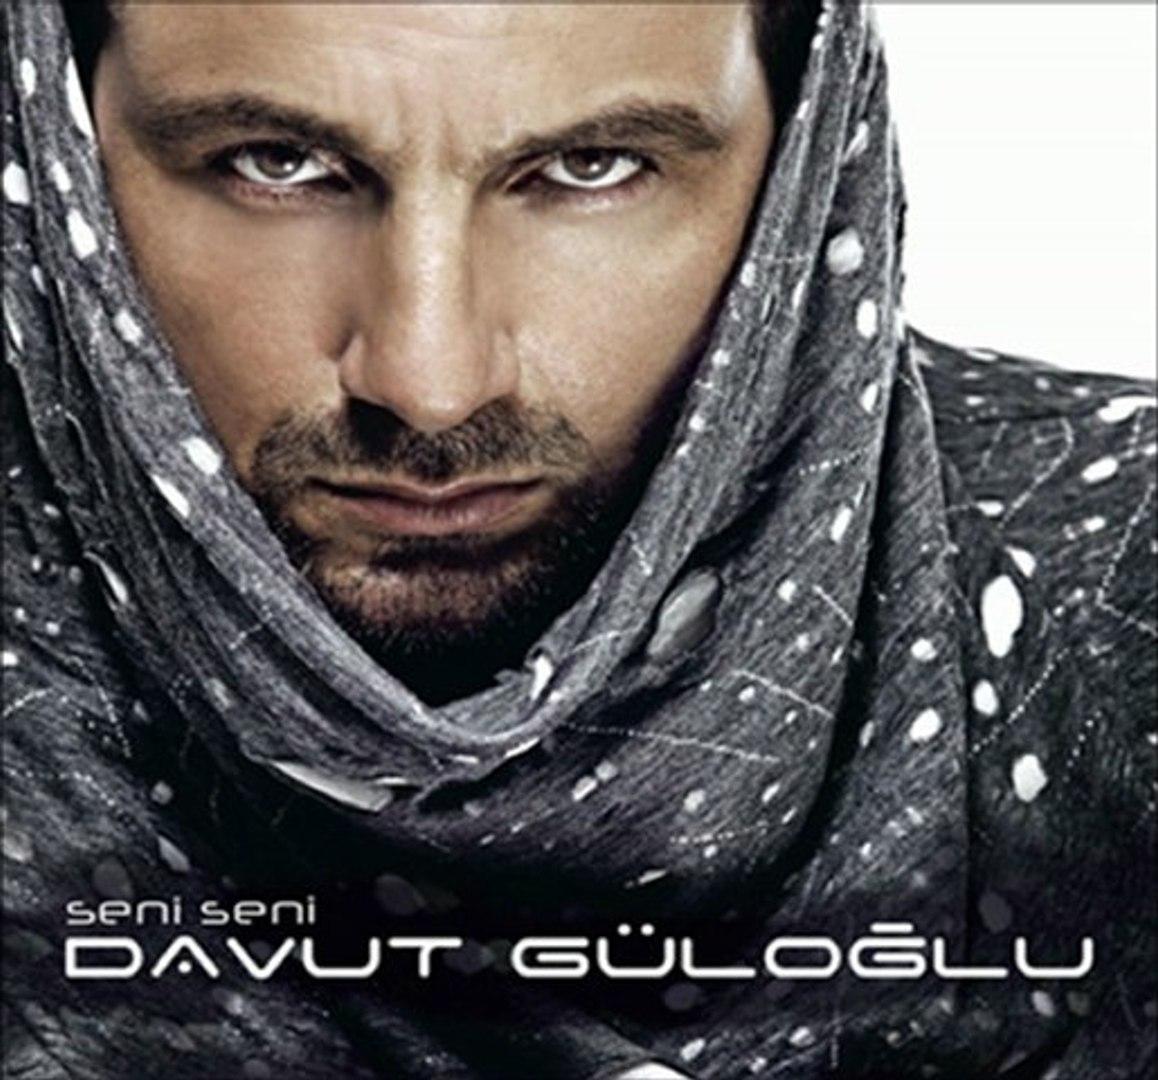 Ağlarım - (Davut Güloğlu) Laz Oğlu--- Laz Kizi & ft Rap 2012